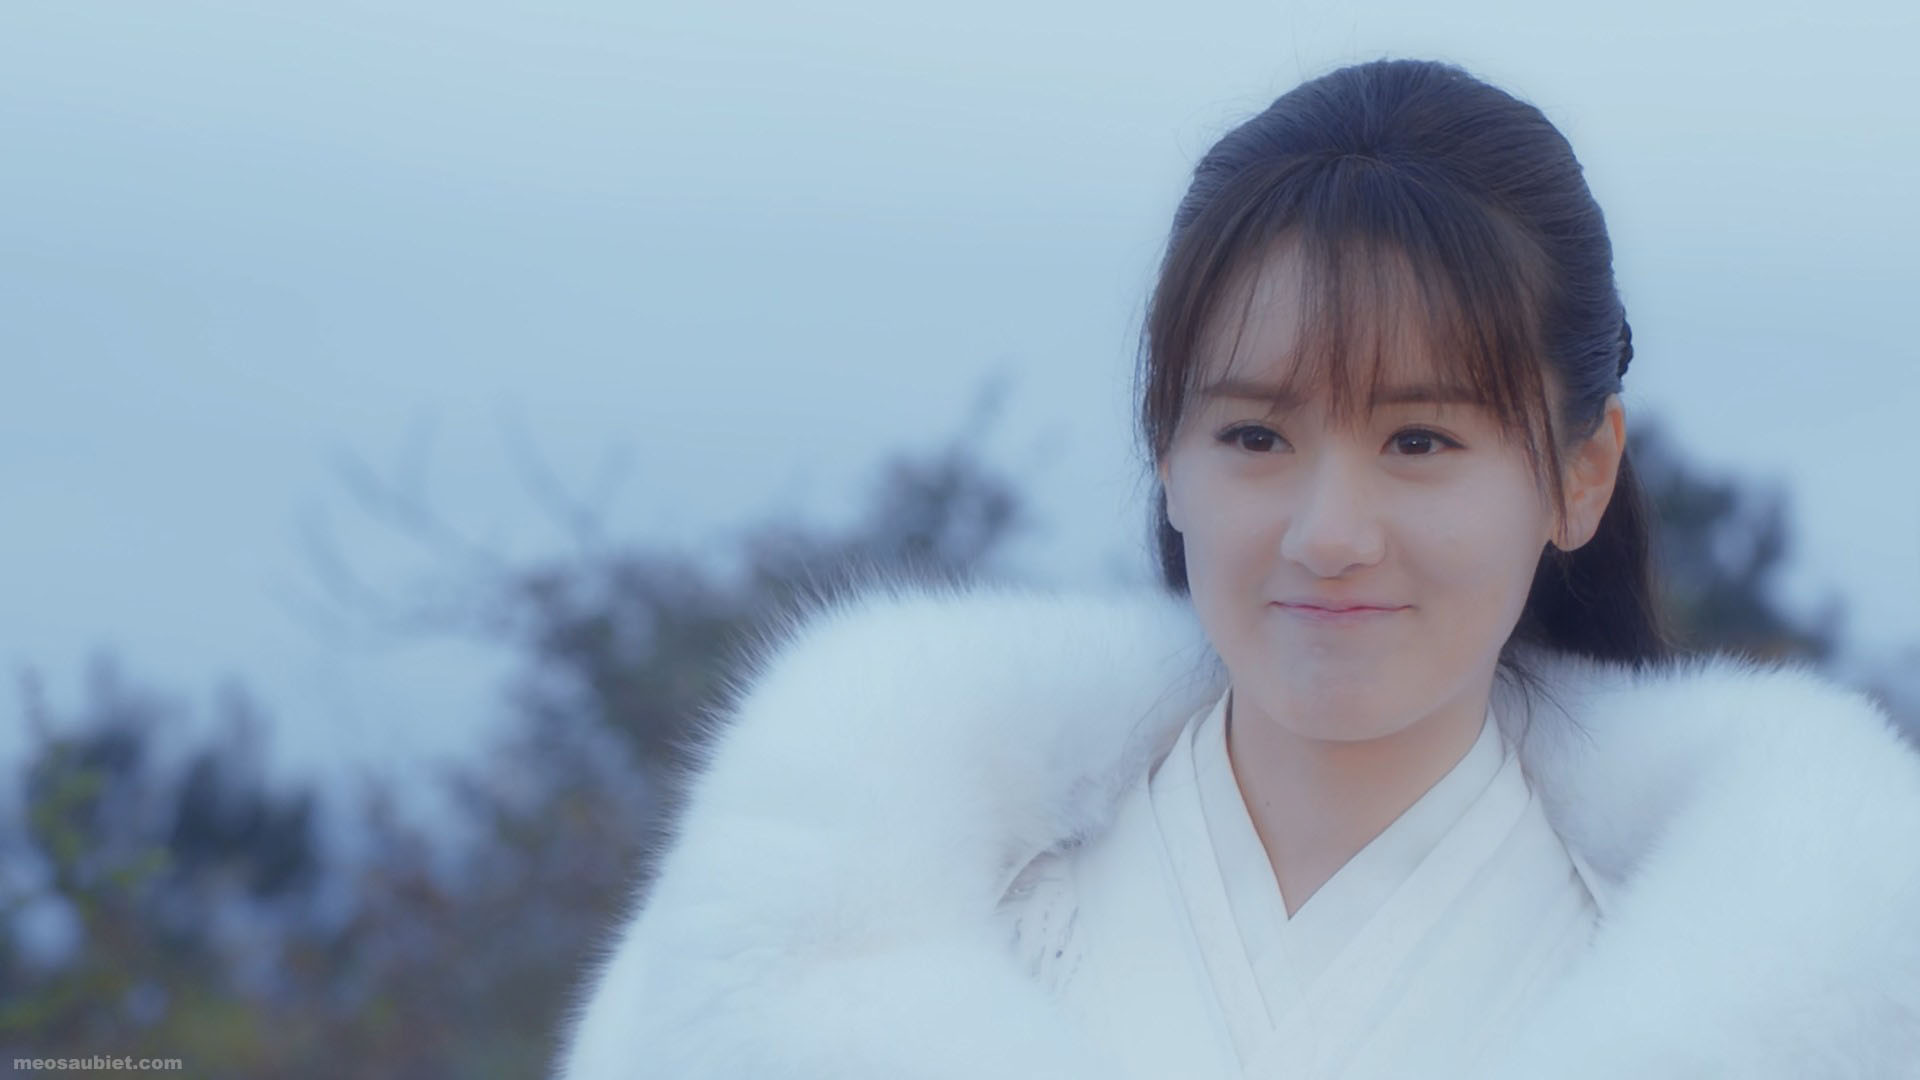 Tương Dạ 2018 Viên Băng Nghiên trong vai Mạc Sơn Sơn